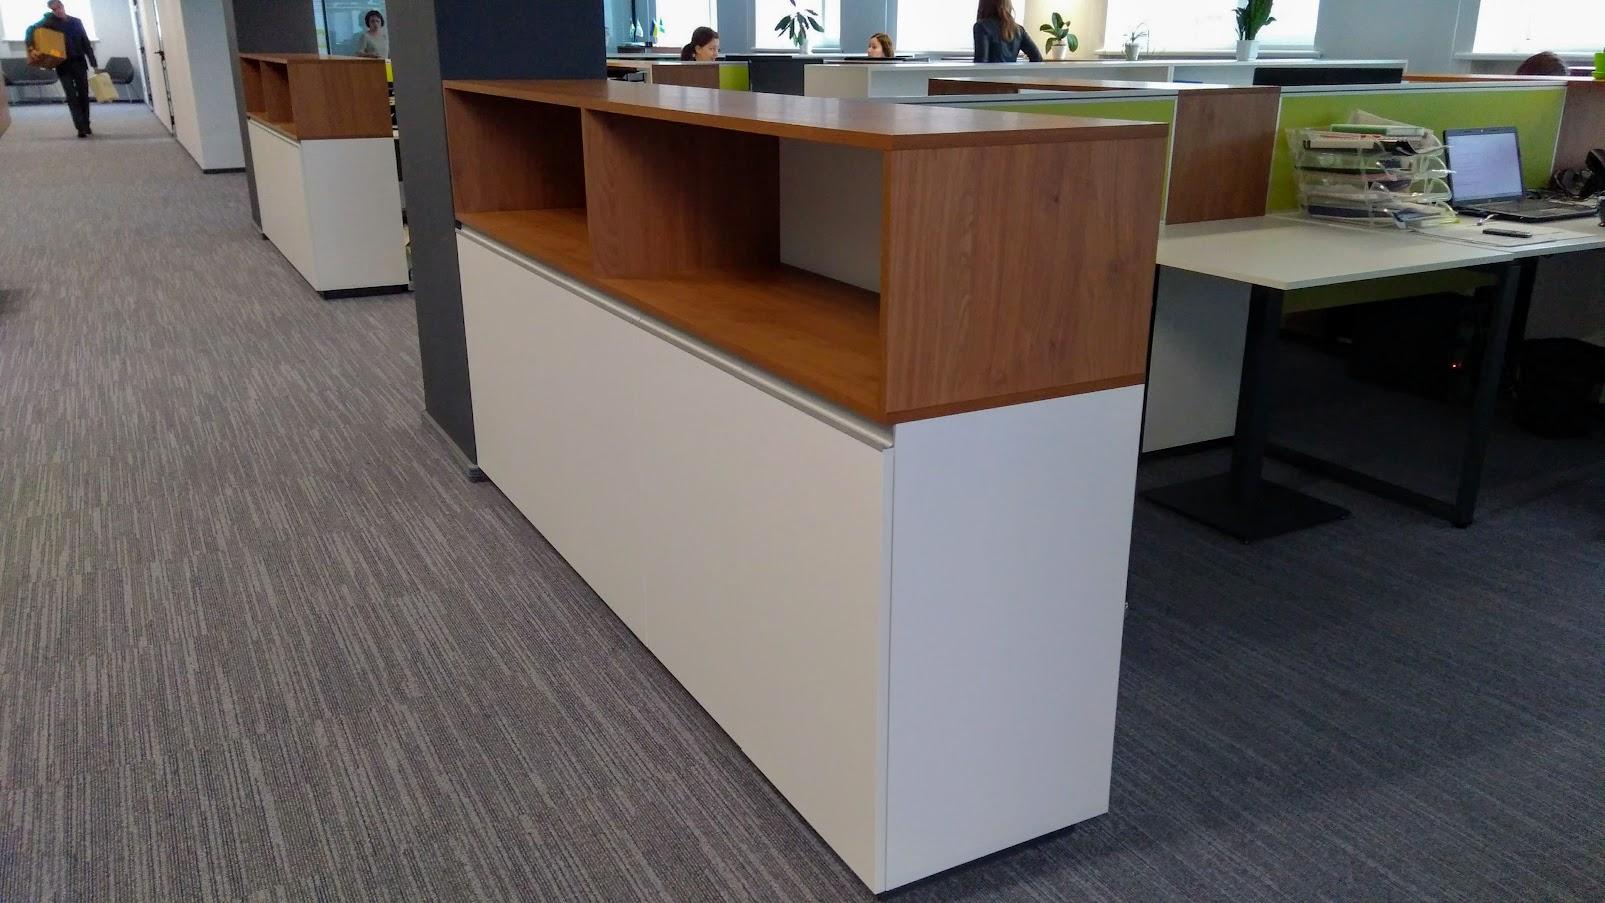 Модульный низкий шкаф - Модульная офисная мебель, Металлические каркасы столов, Мебельные опоры ✆ 0679245444